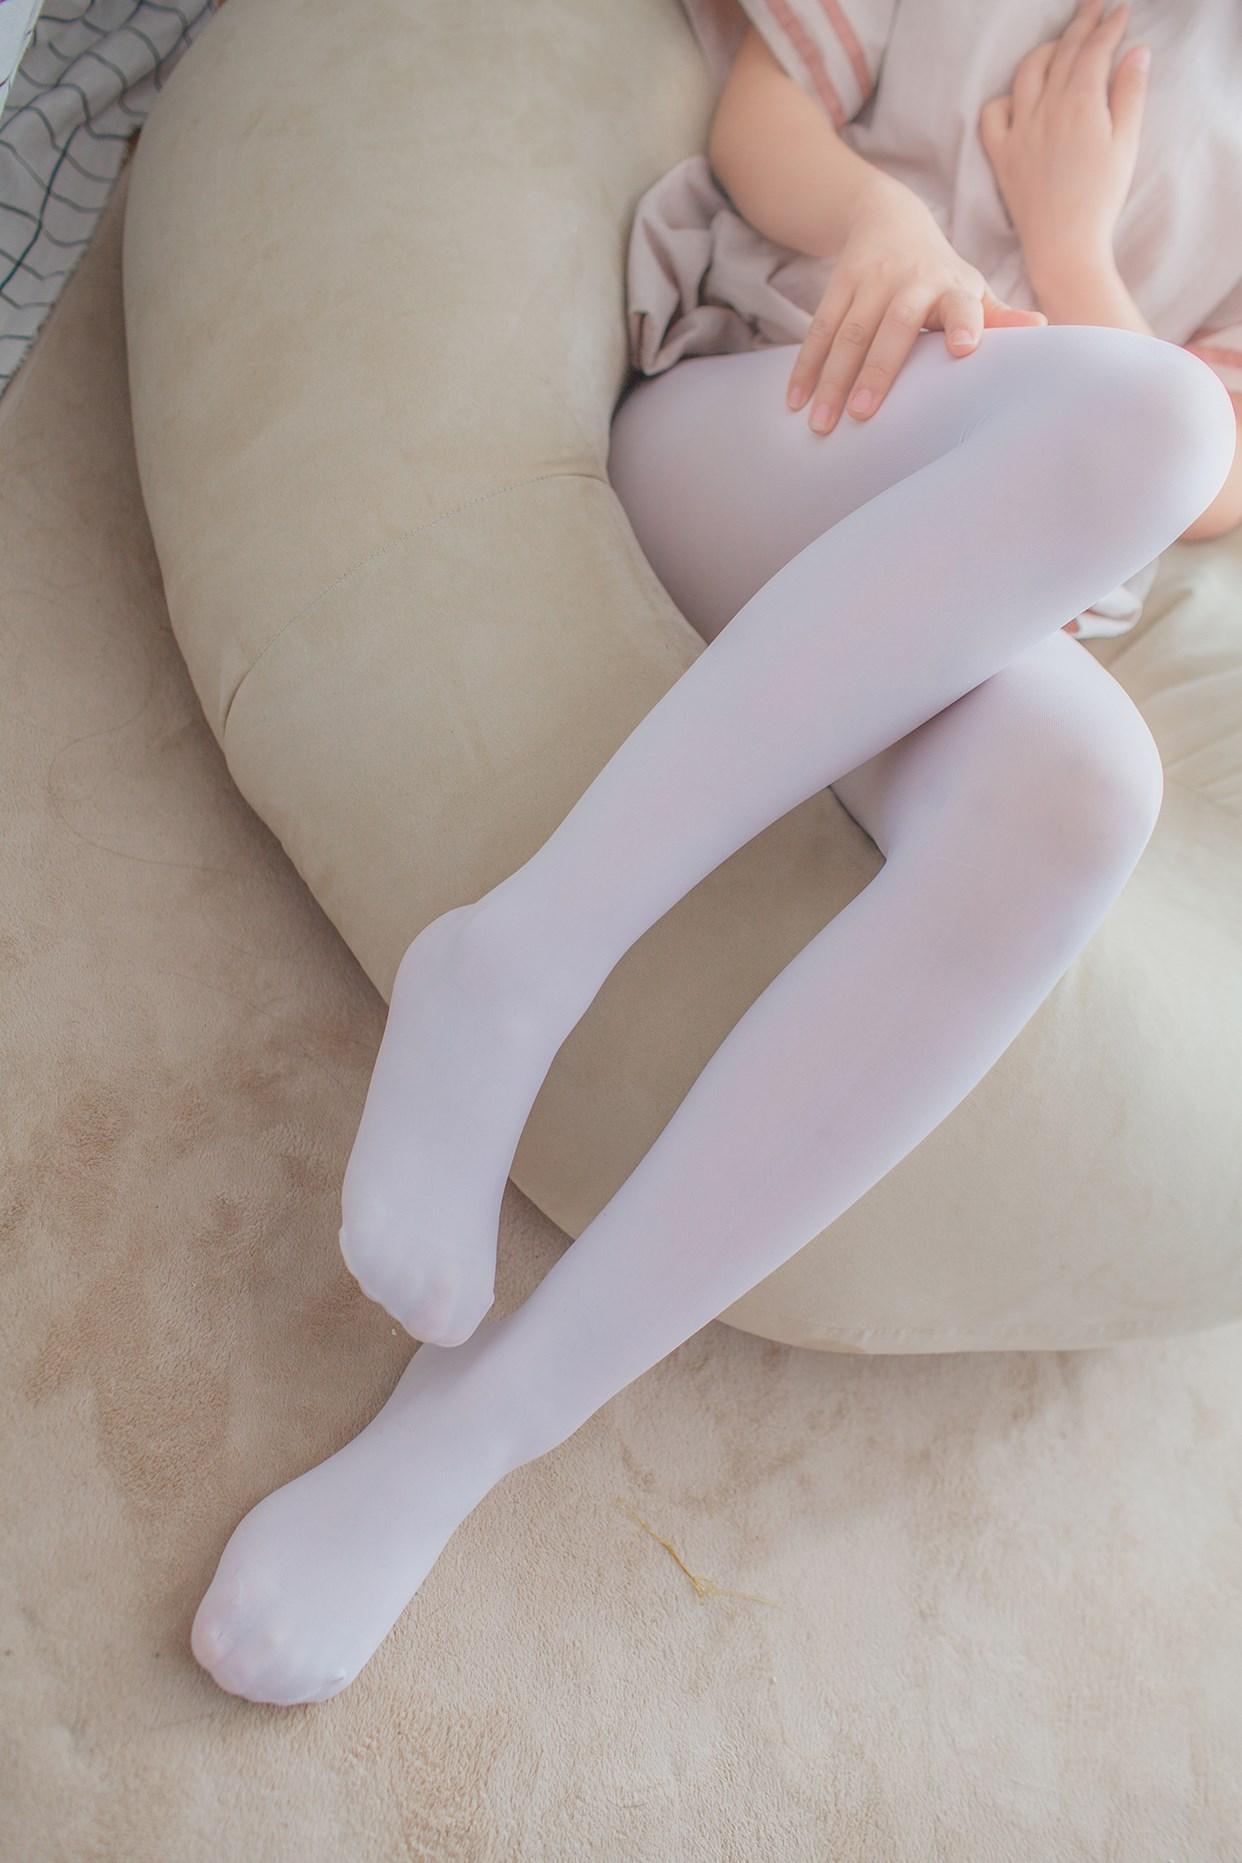 【兔玩映画】暖暖的白丝 兔玩映画 第27张